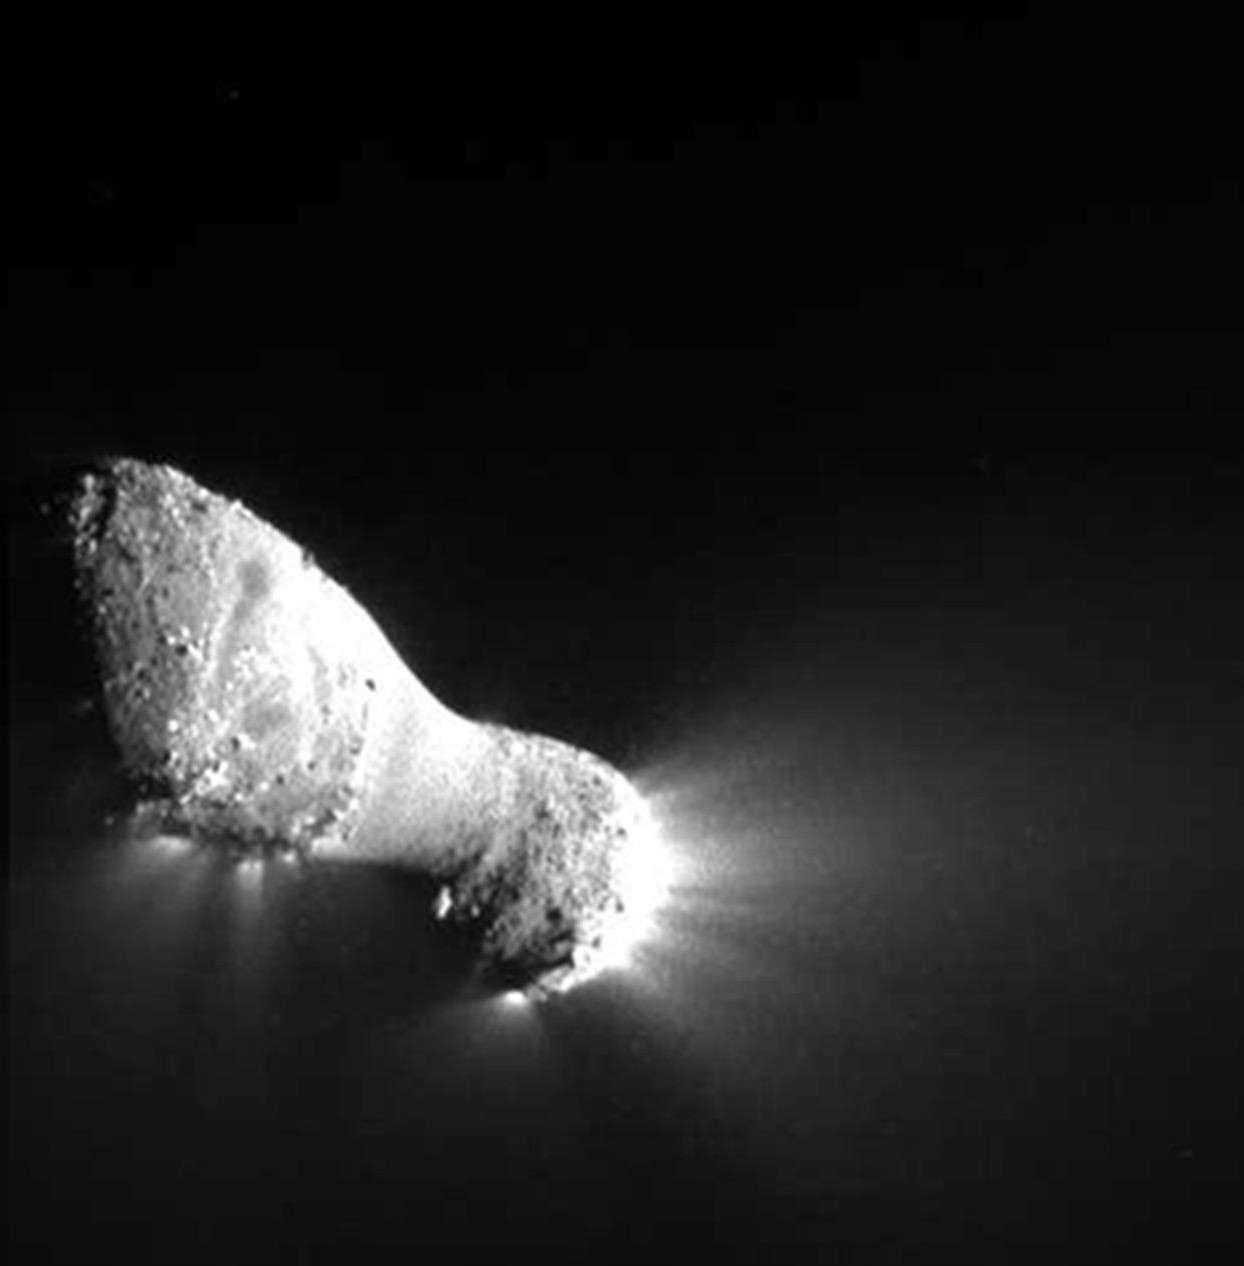 Une vue détaillée de la comète 103P/Hartley 2, obtenue par la sonde Epoxi. Les plus petits détails visibles font moins de 10 mètres. © Nasa